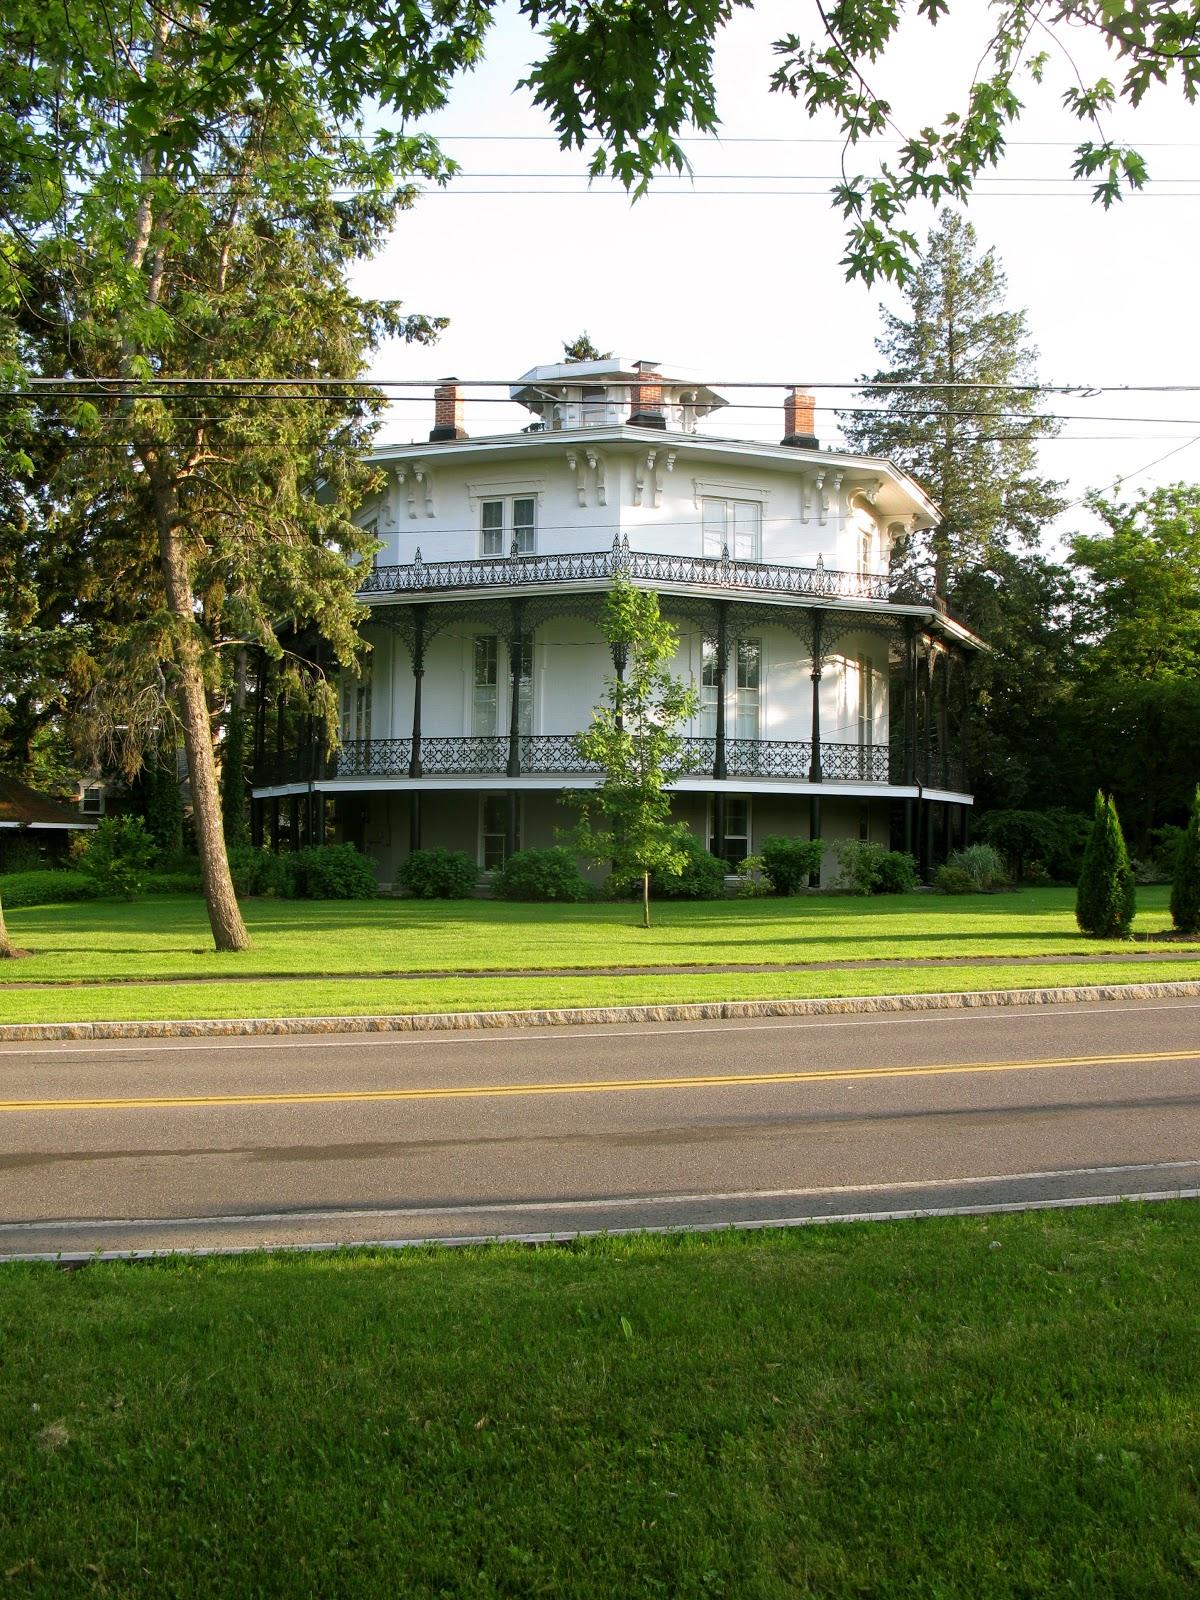 Denton Octagon House 760 Castle St Geneva NY